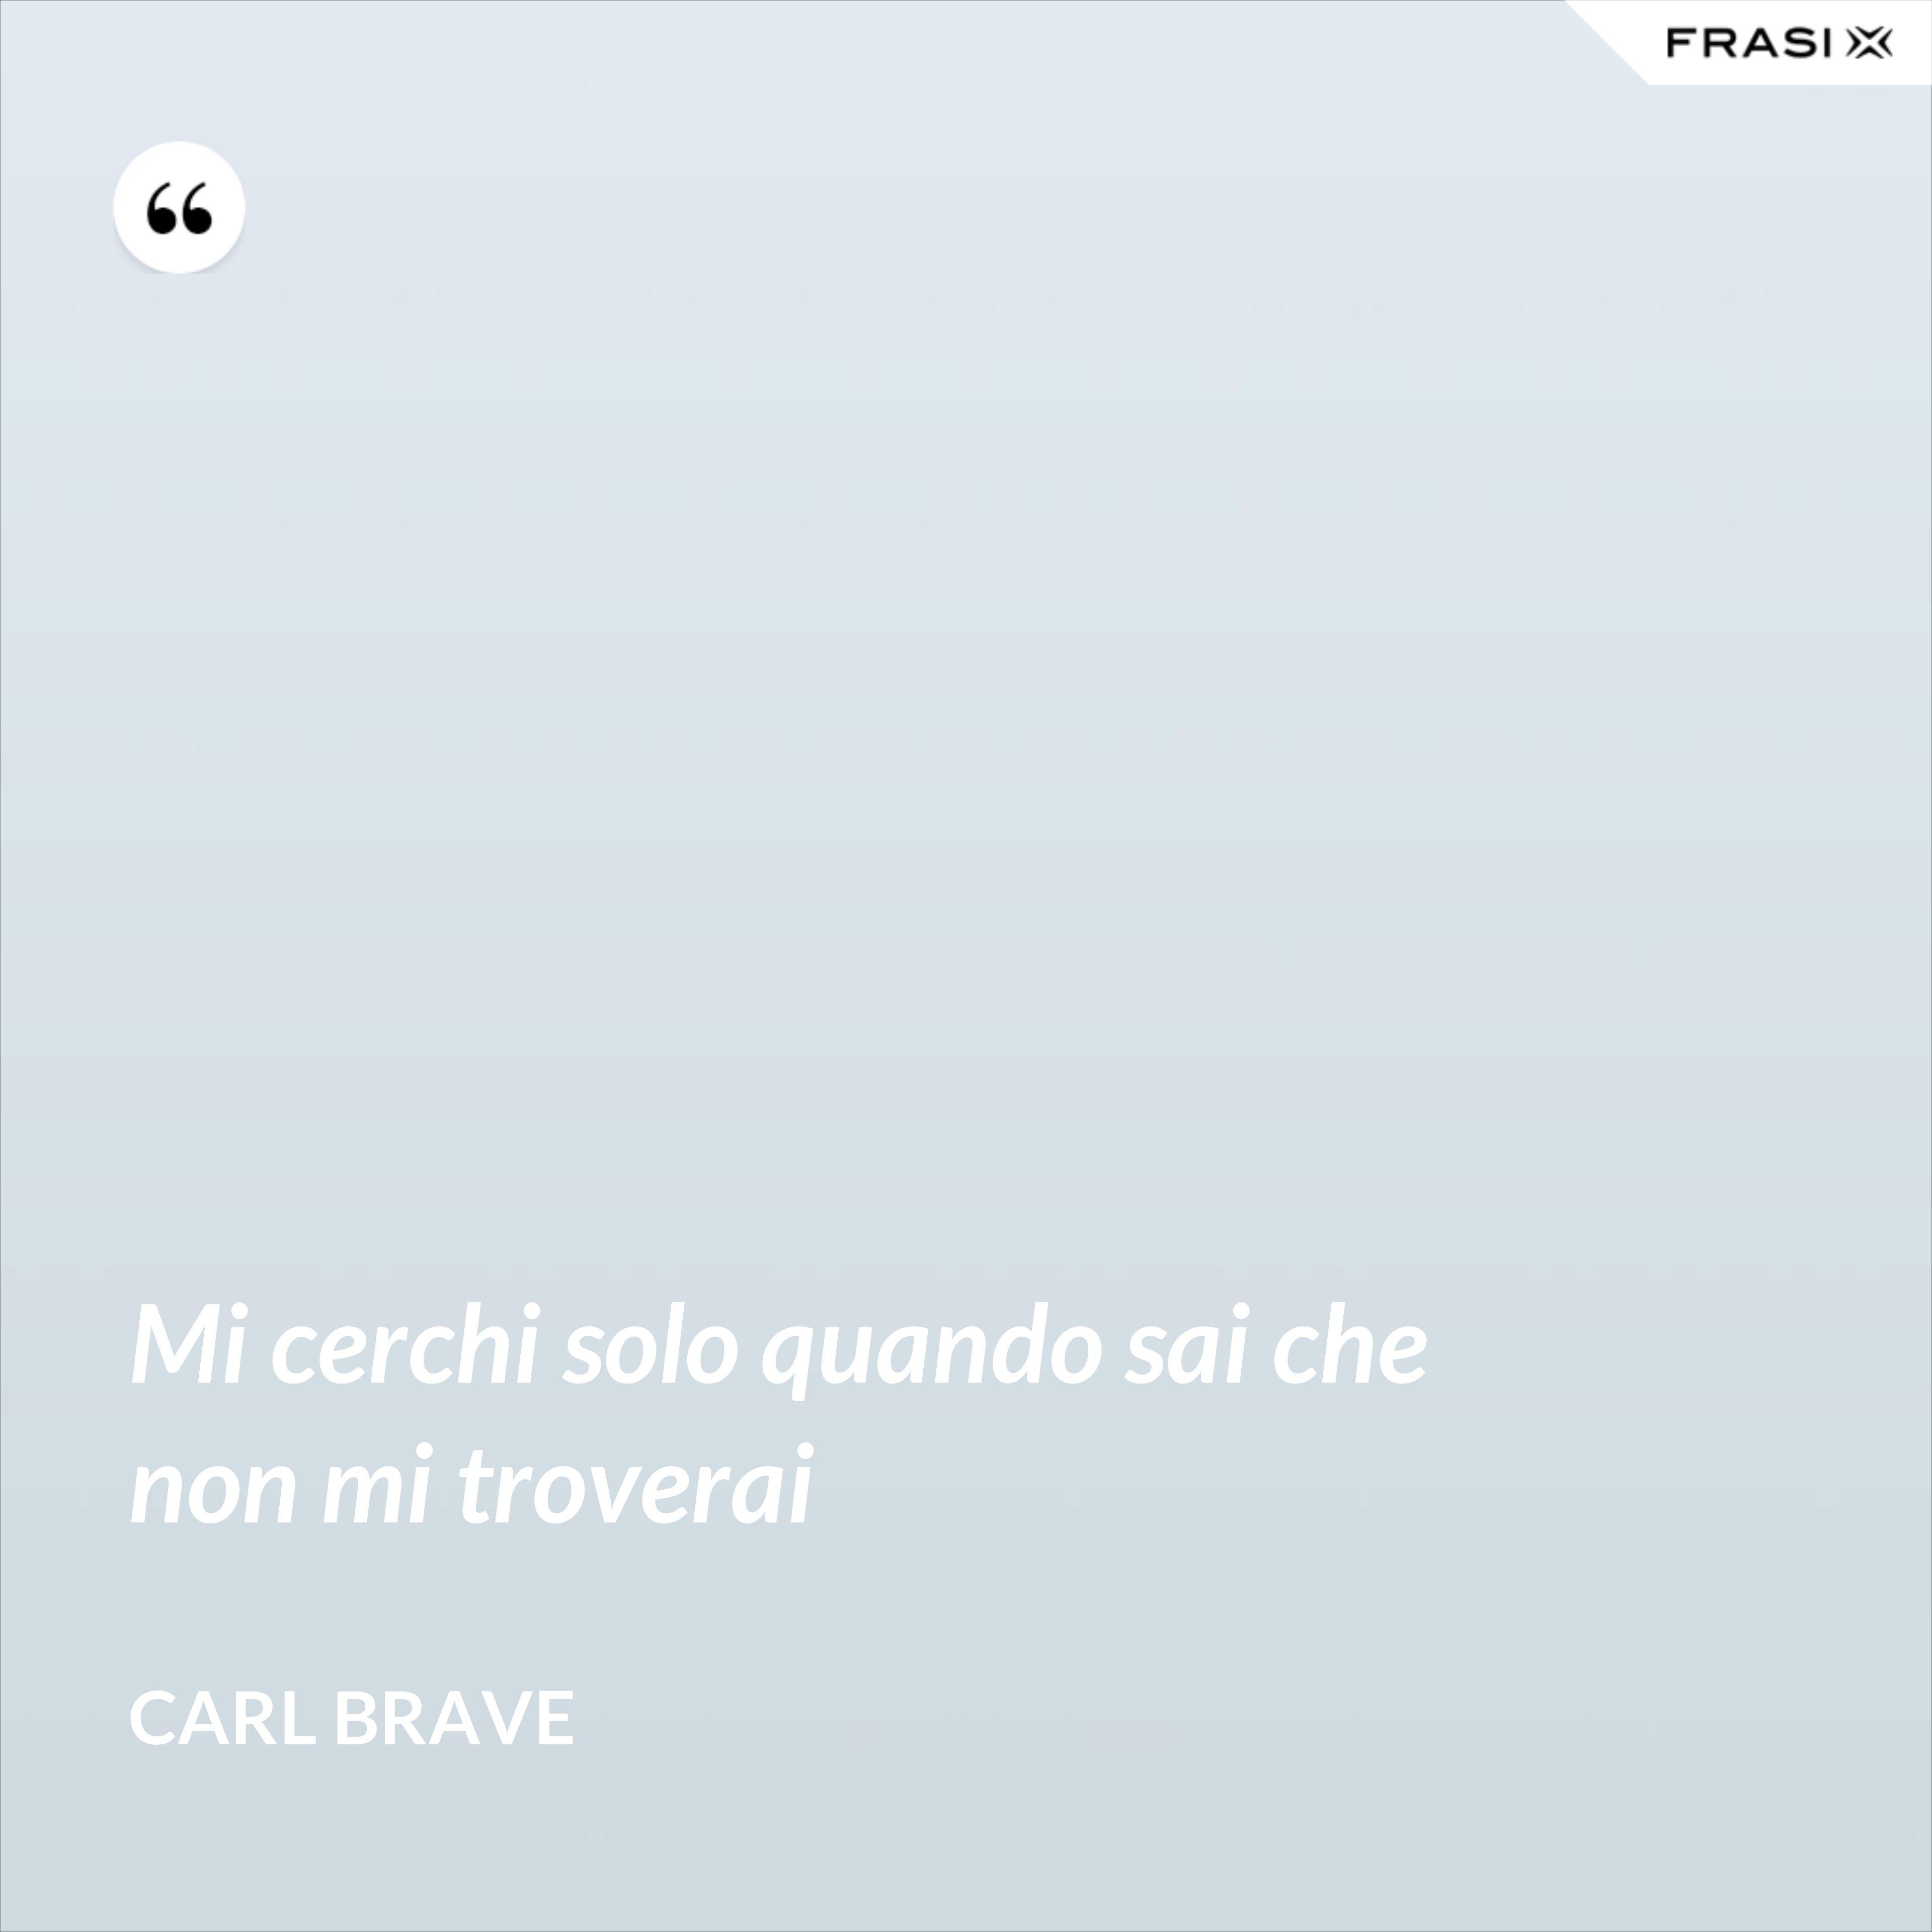 Mi cerchi solo quando sai che non mi troverai - Carl Brave